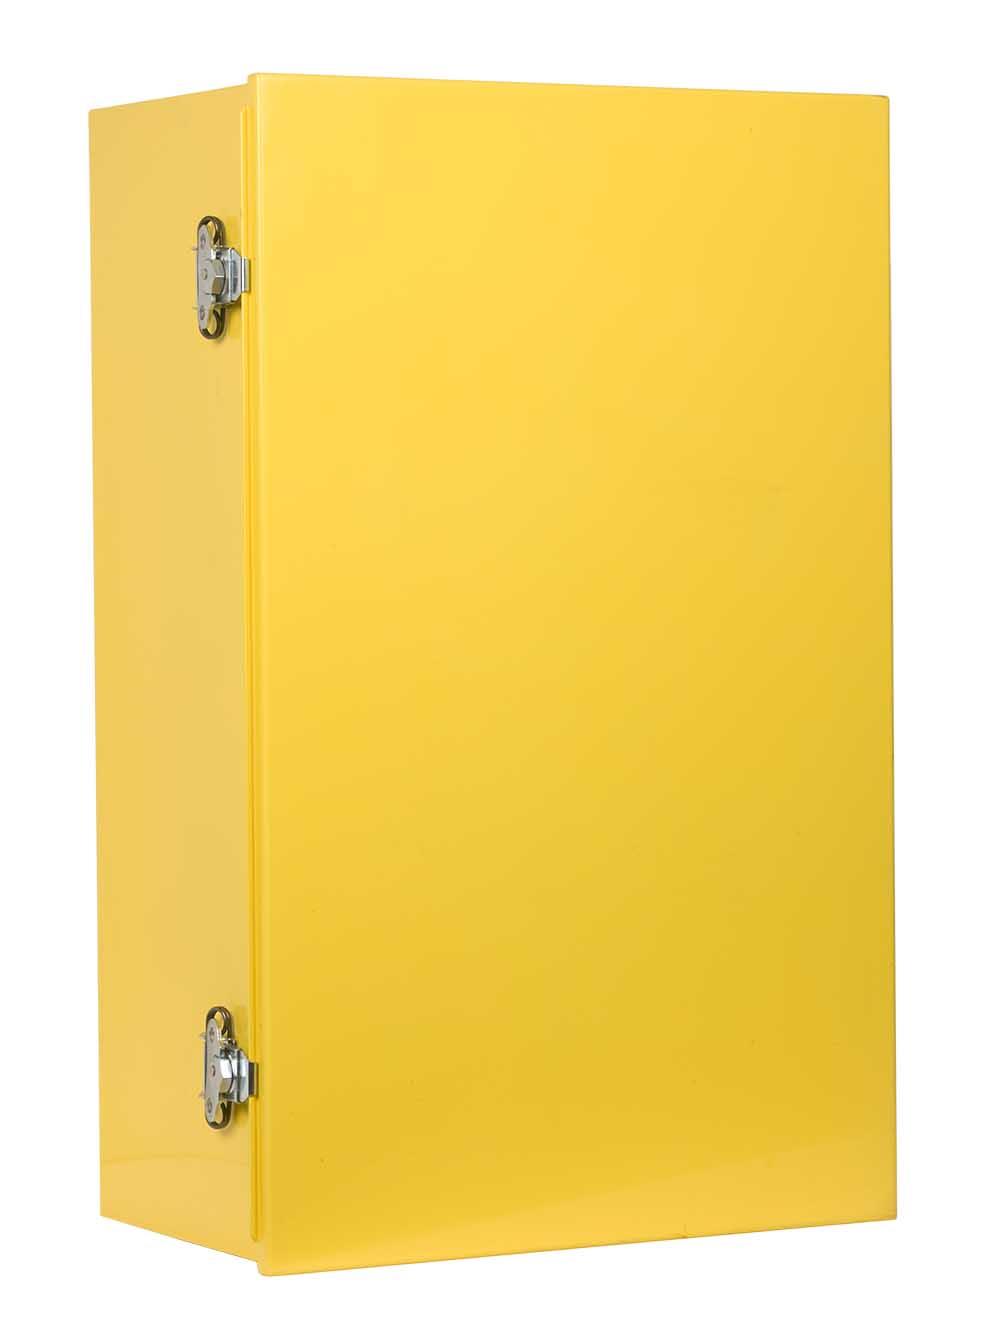 Single SCBA Cabinet Less Window – Steel